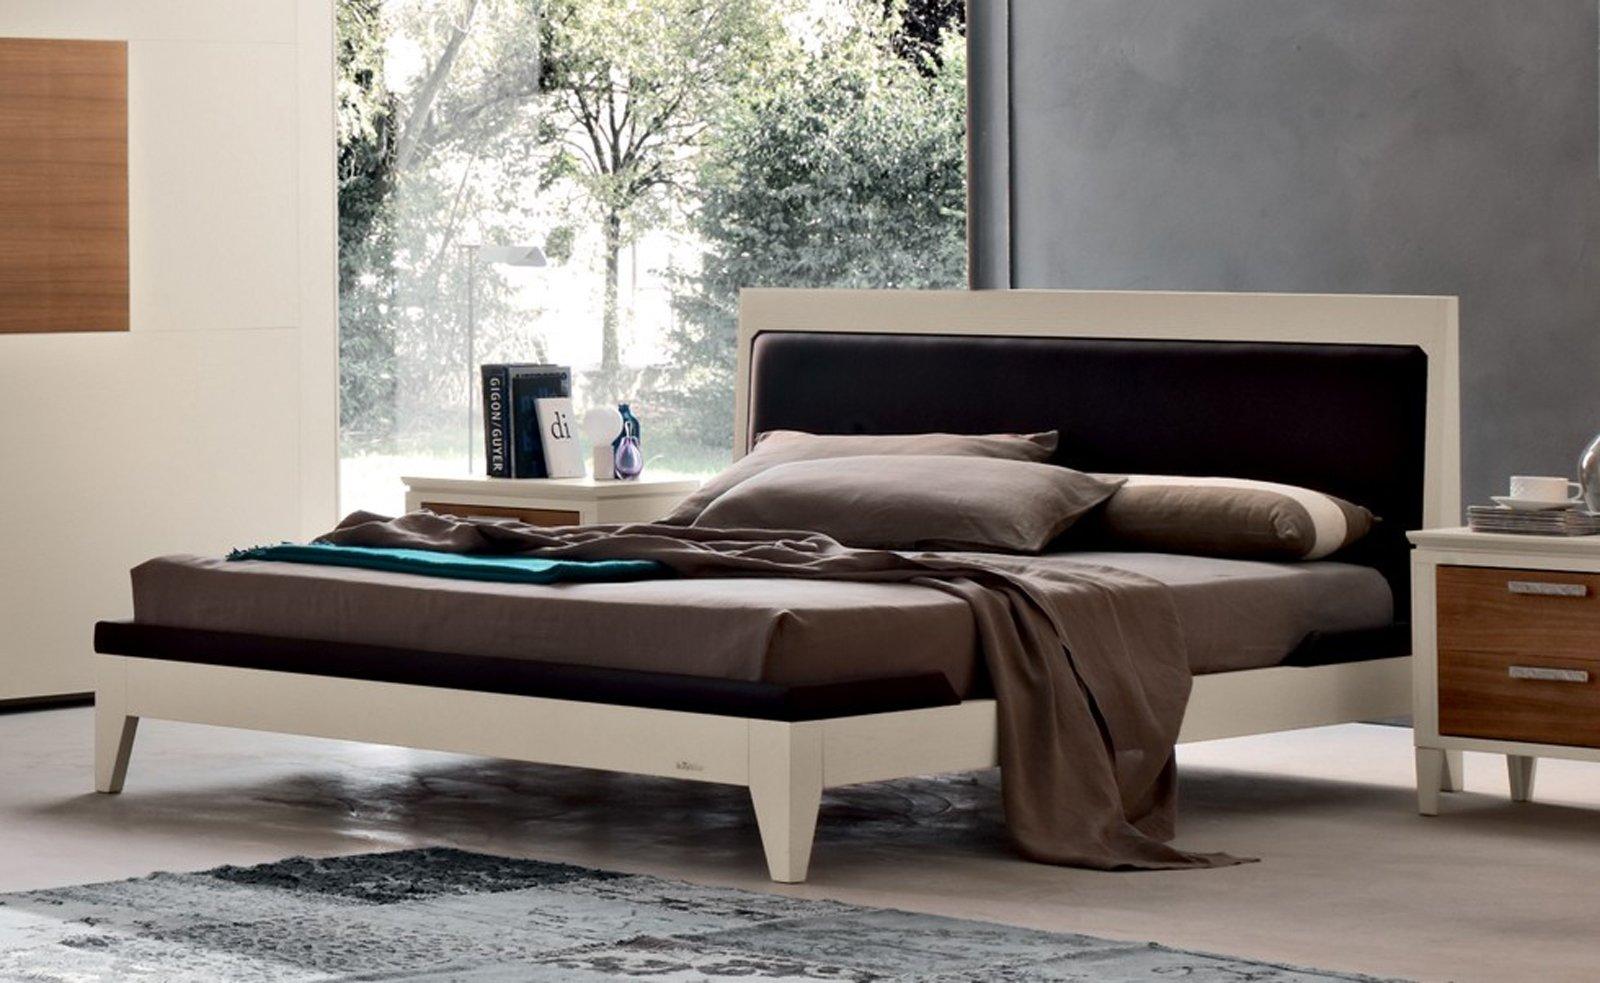 Letti e armadi di piccole dimensioni perfettamente funzionali cose di casa - Camere da letto le fablier ...